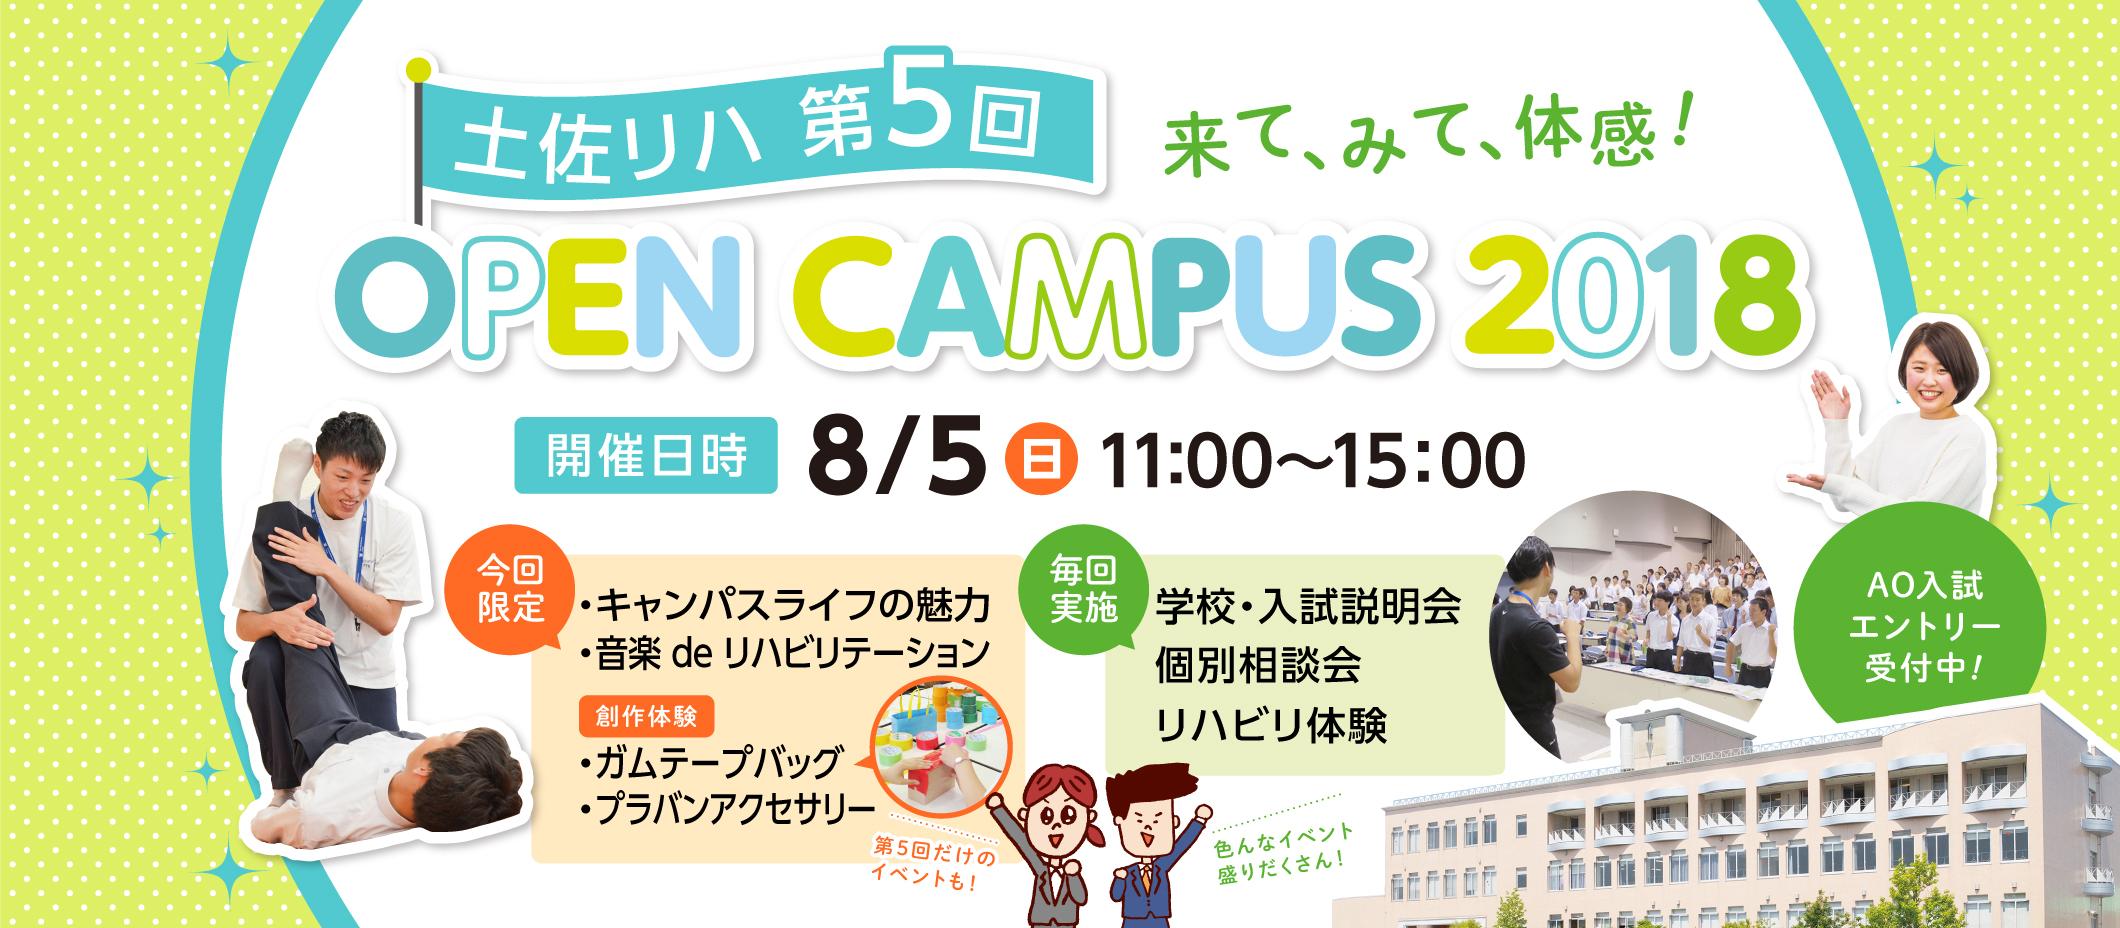 土佐リハ オープンキャンパス2018 7/14(土)